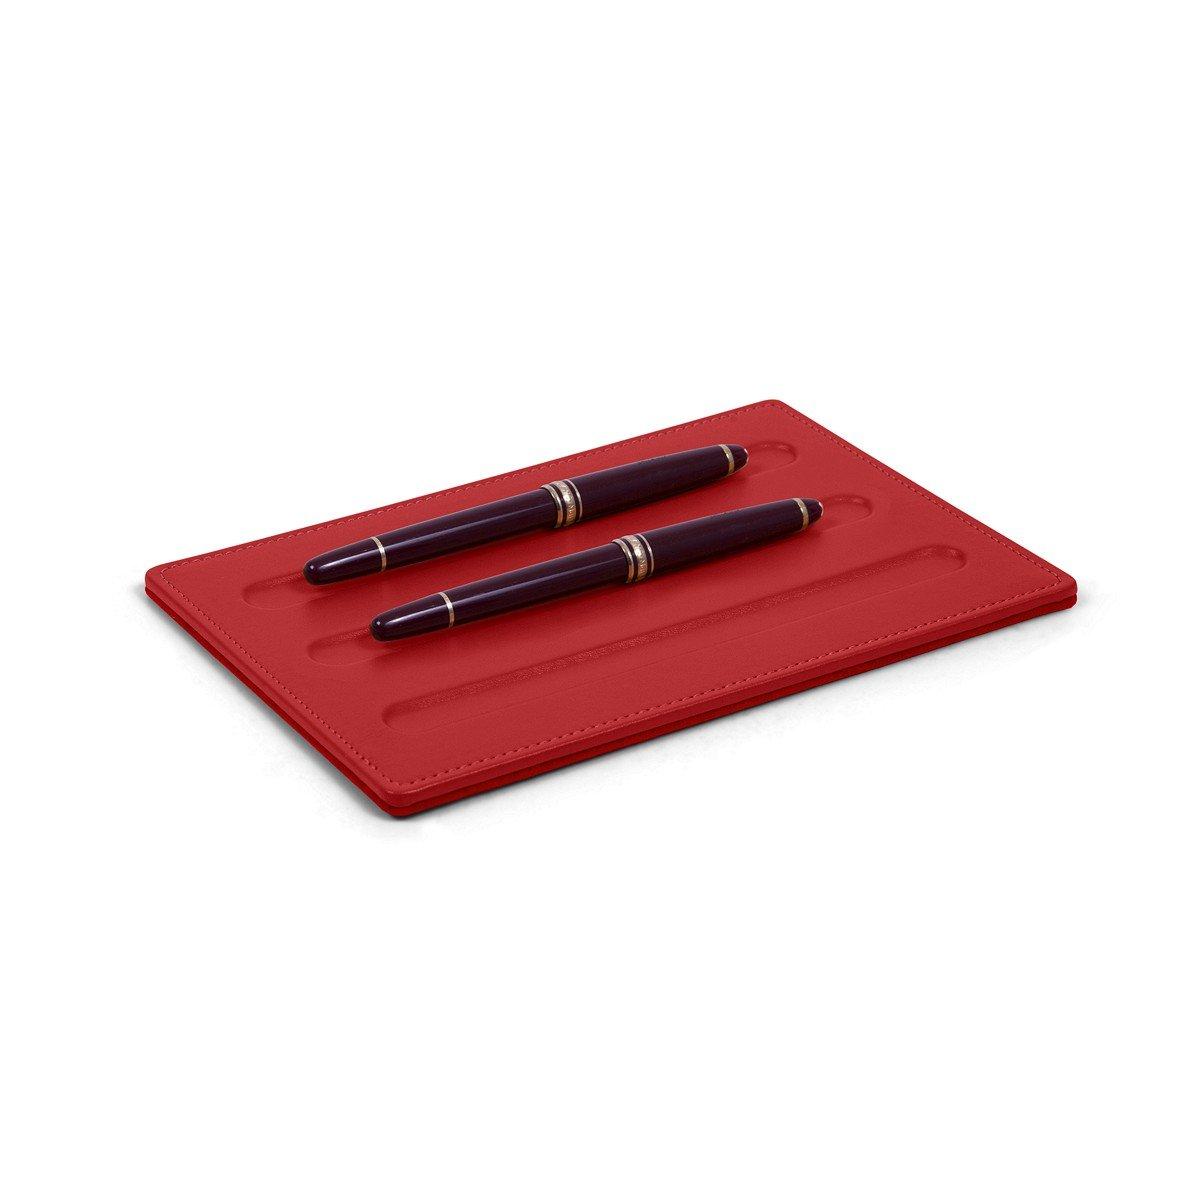 Lucrin - Ablage für Schreibgeräte-3 Stifte (20 x 14 cm) - Azurblau - Glattleder B00TZZRH7K | Online Kaufen